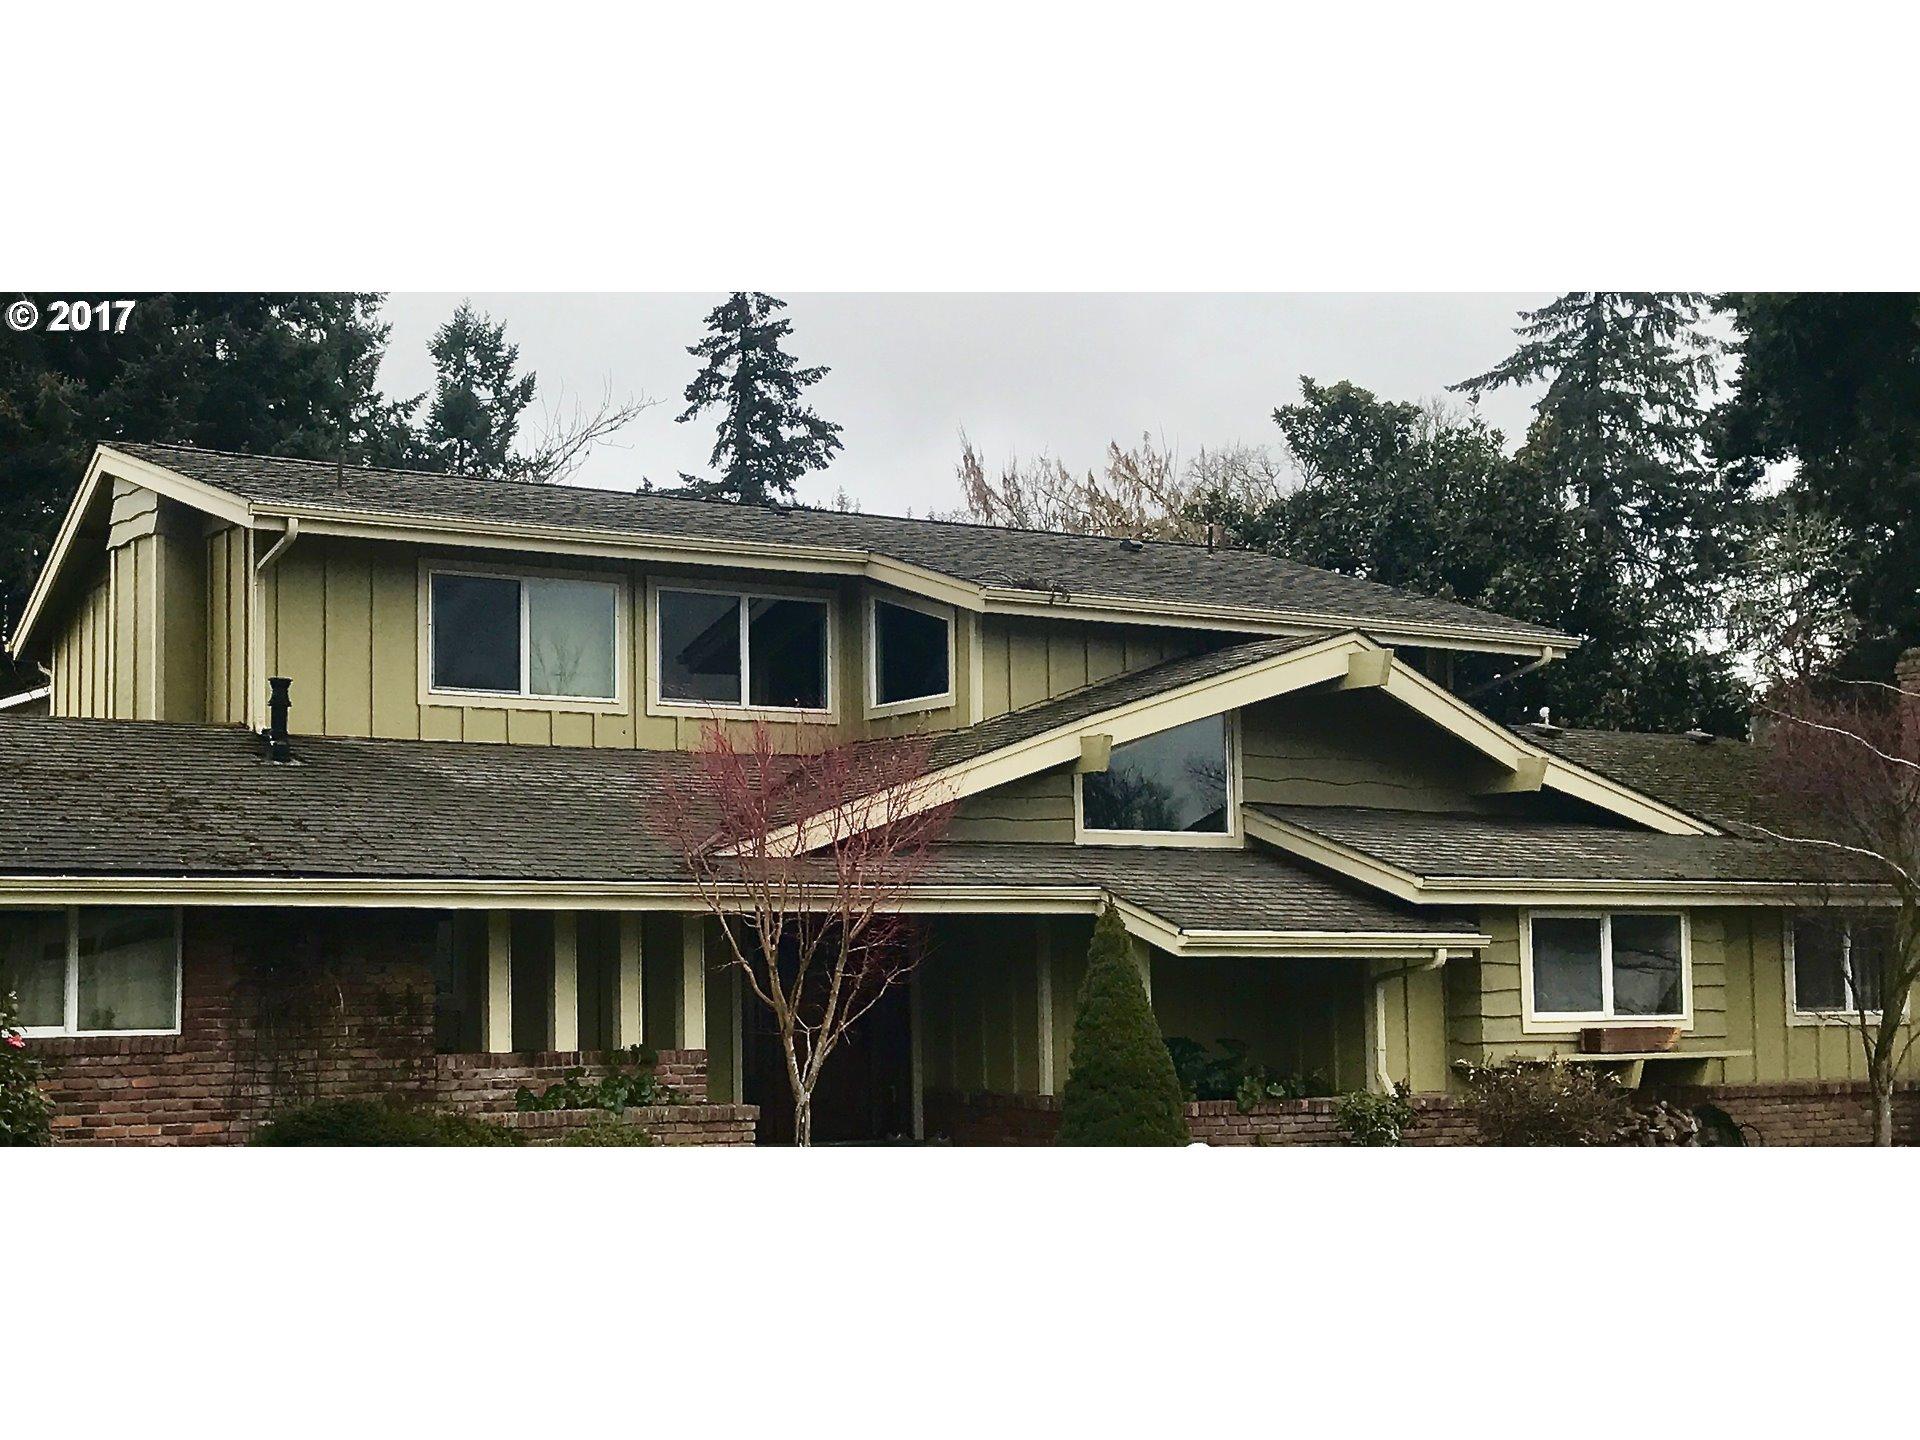 663 ELWOOD DR, Eugene, OR 97401